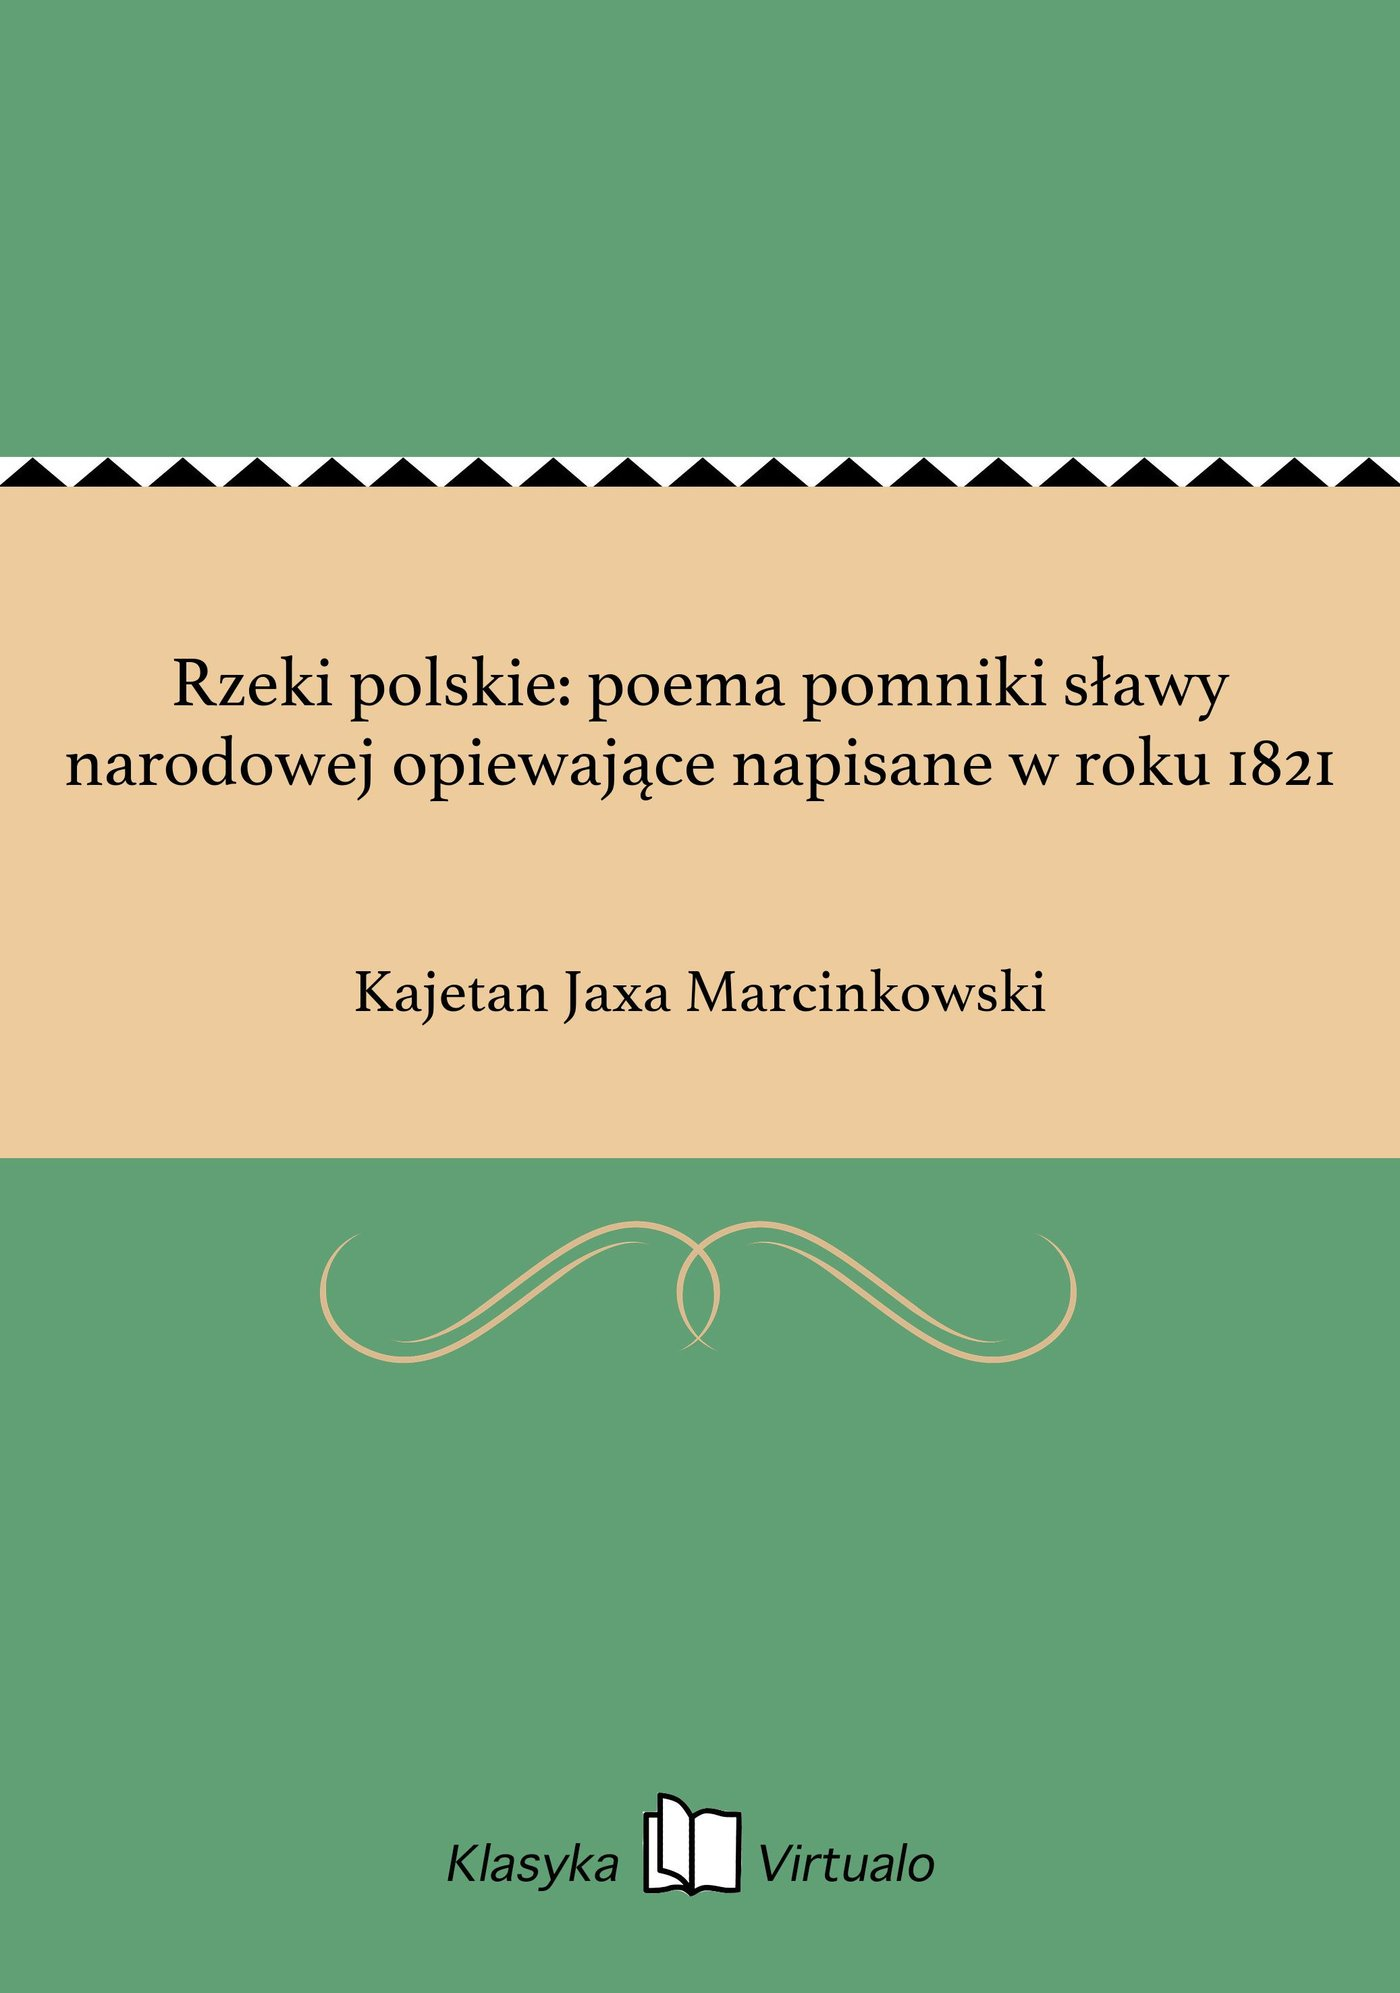 Rzeki polskie: poema pomniki sławy narodowej opiewające napisane w roku 1821 - Ebook (Książka EPUB) do pobrania w formacie EPUB